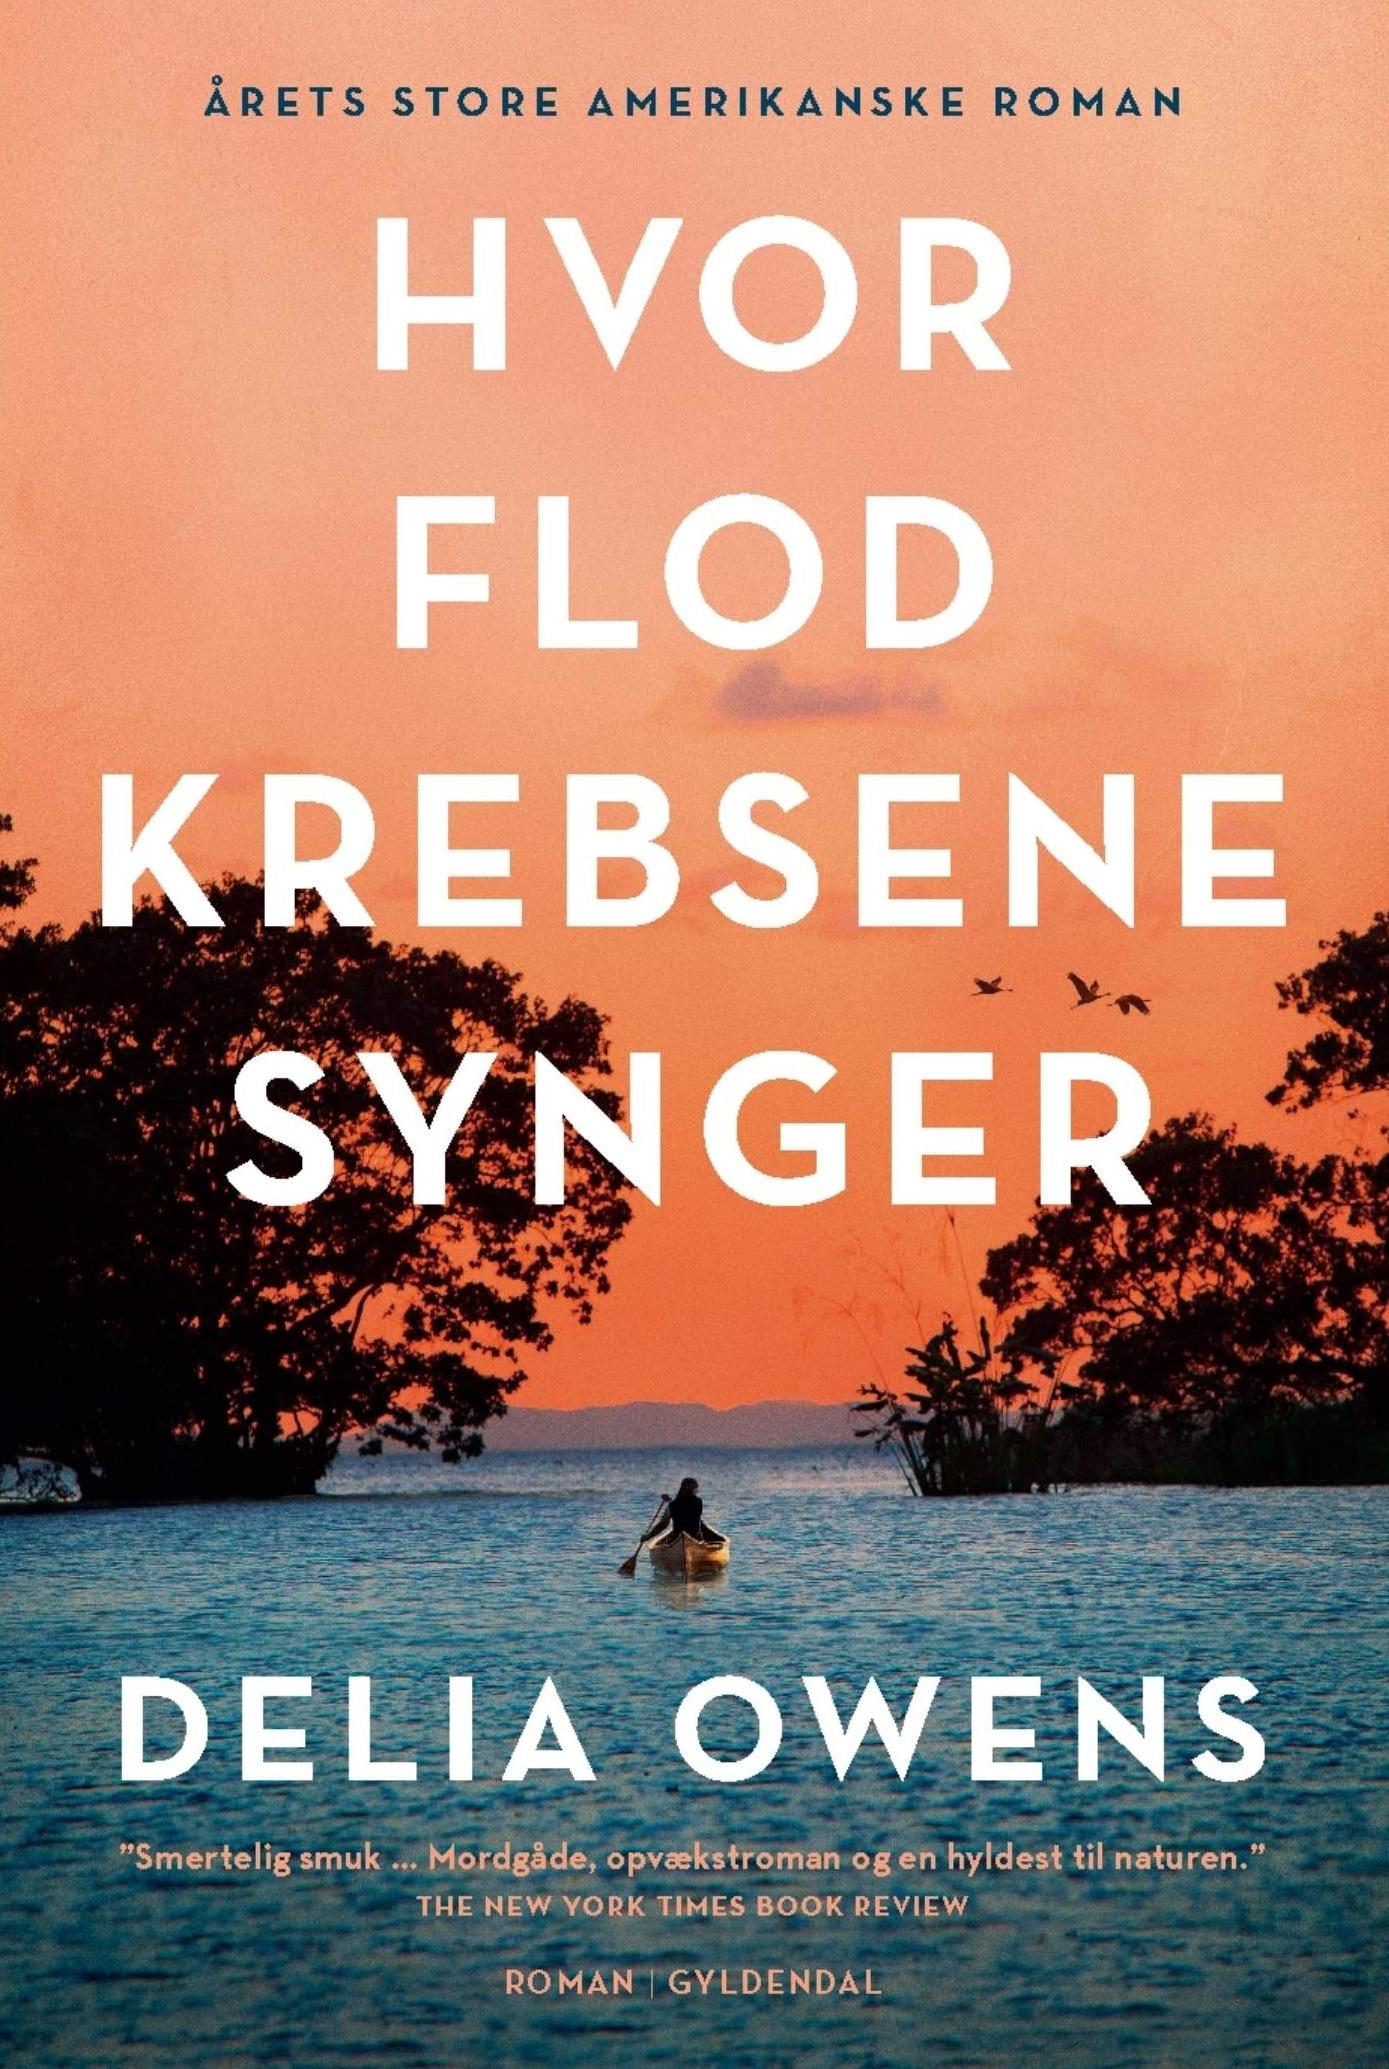 Hvor flodkrebsene synger - Delia Owens - Bøger - Gyldendal - 9788702288889 - 27/9-2019